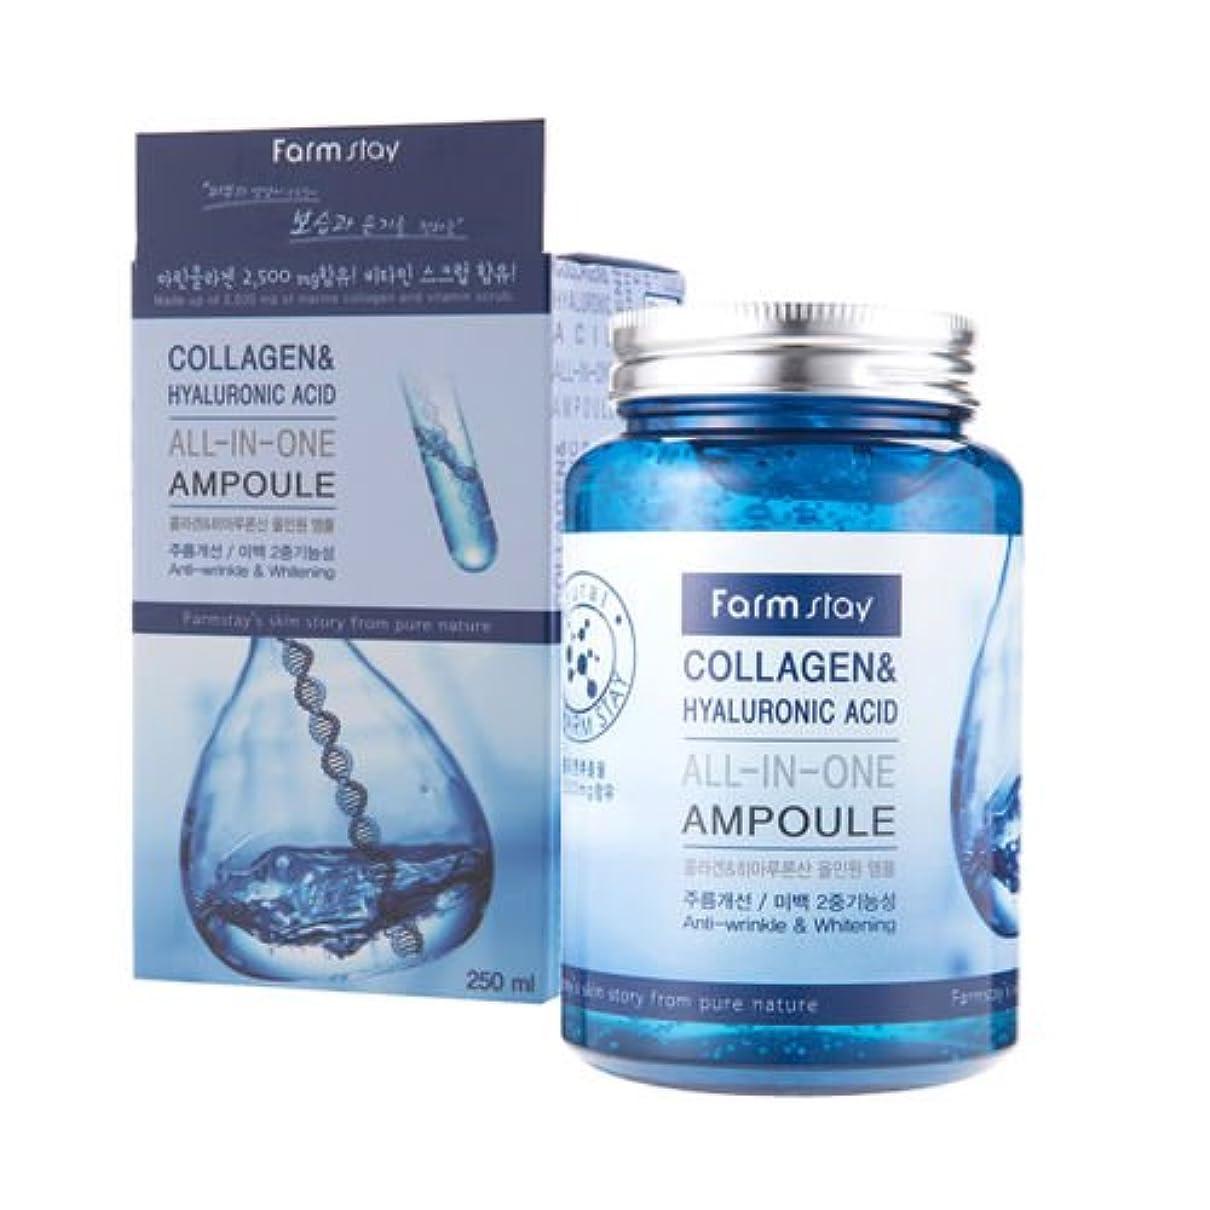 ハンディジョセフバンクス転送Farm Stay Collagen & Hyaluronic Acid All In One Ampoule 250ml/Korea Cosmetic [並行輸入品]